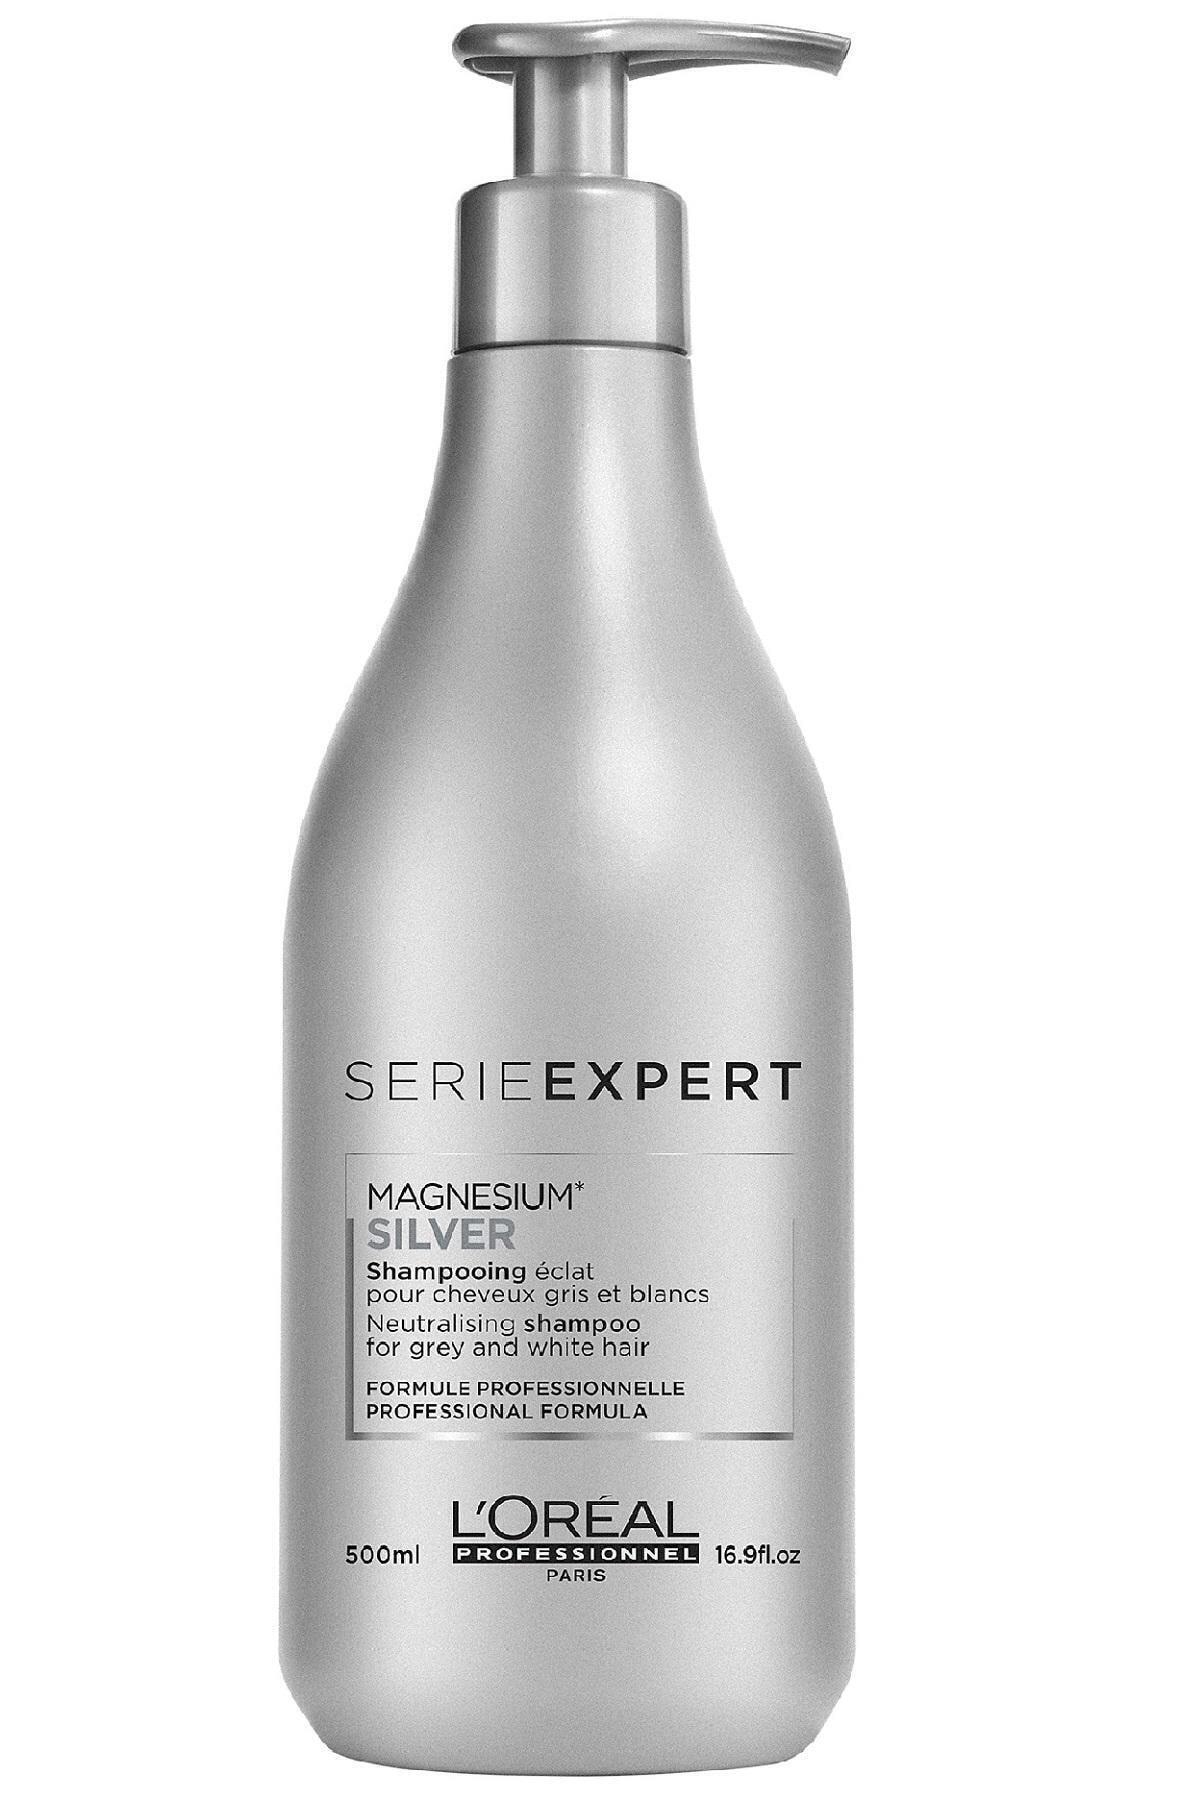 L'oreal Professionnel Gri ve Beyaz Saçlar için Parlaklık Veren Şampuan 500 ml - Silver Gloss Protect System 3474636502868 2